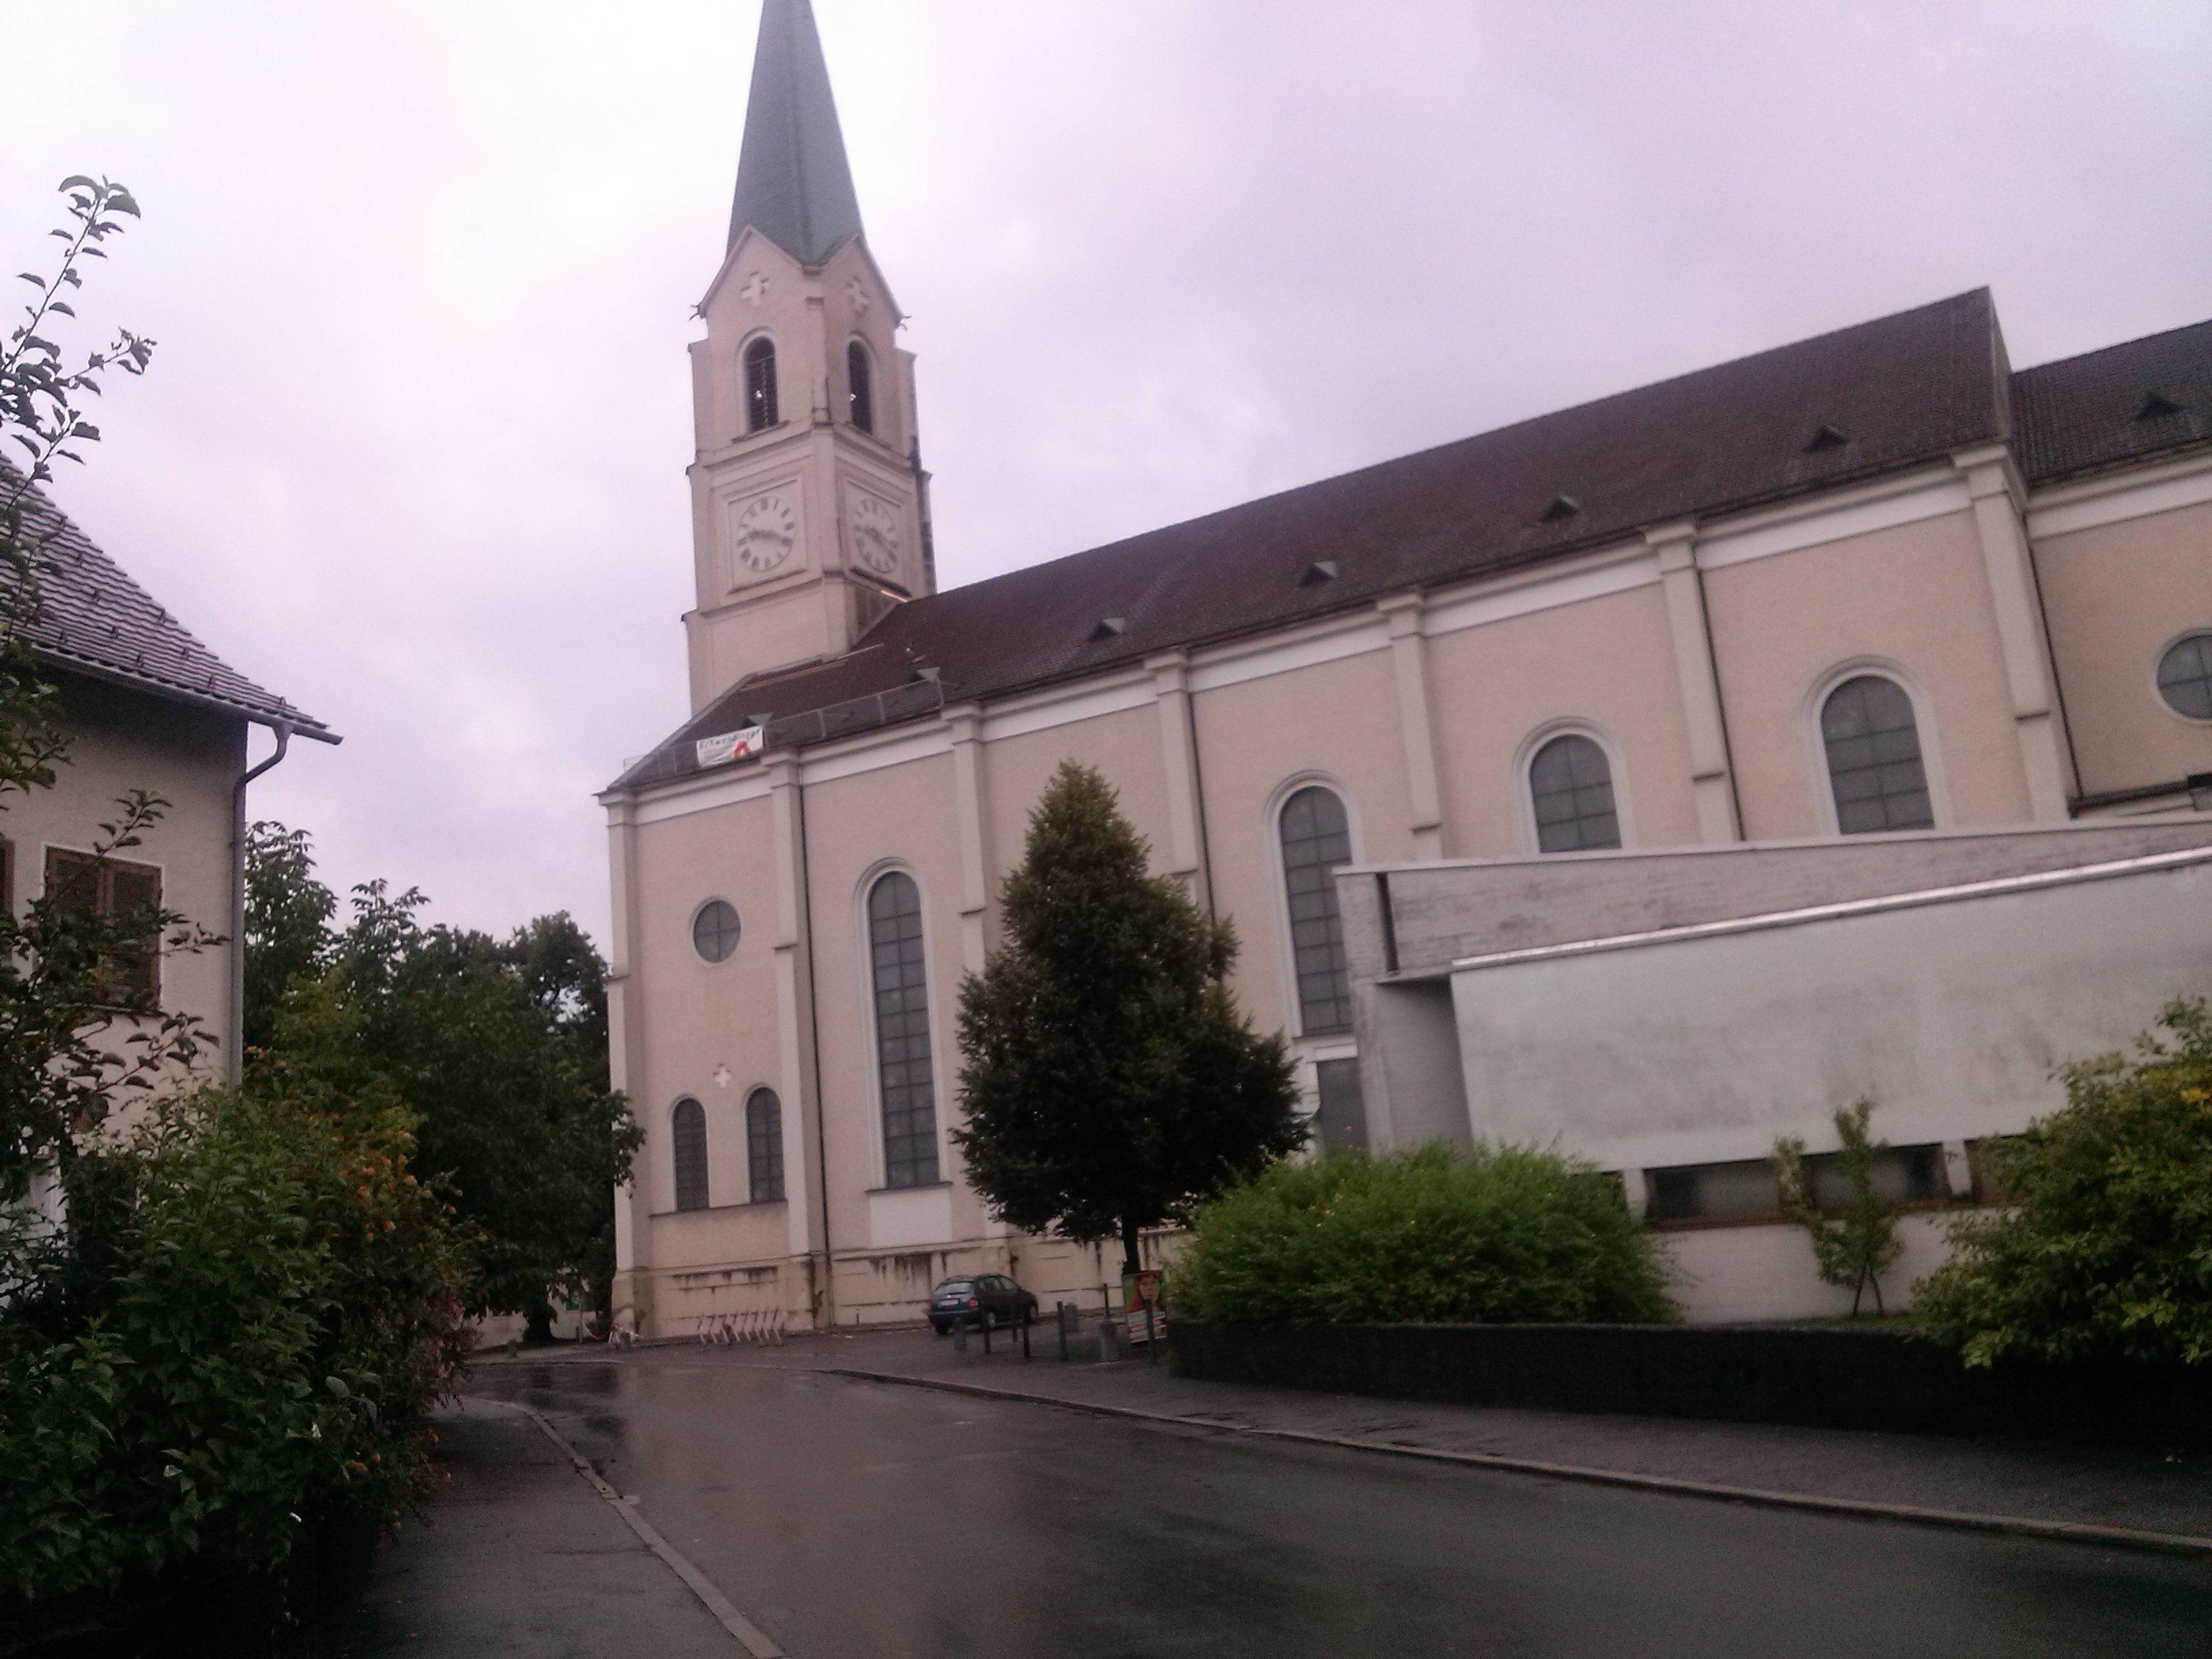 Das Dach der Pfarrkirche Hatlerdorf wurde saniert.